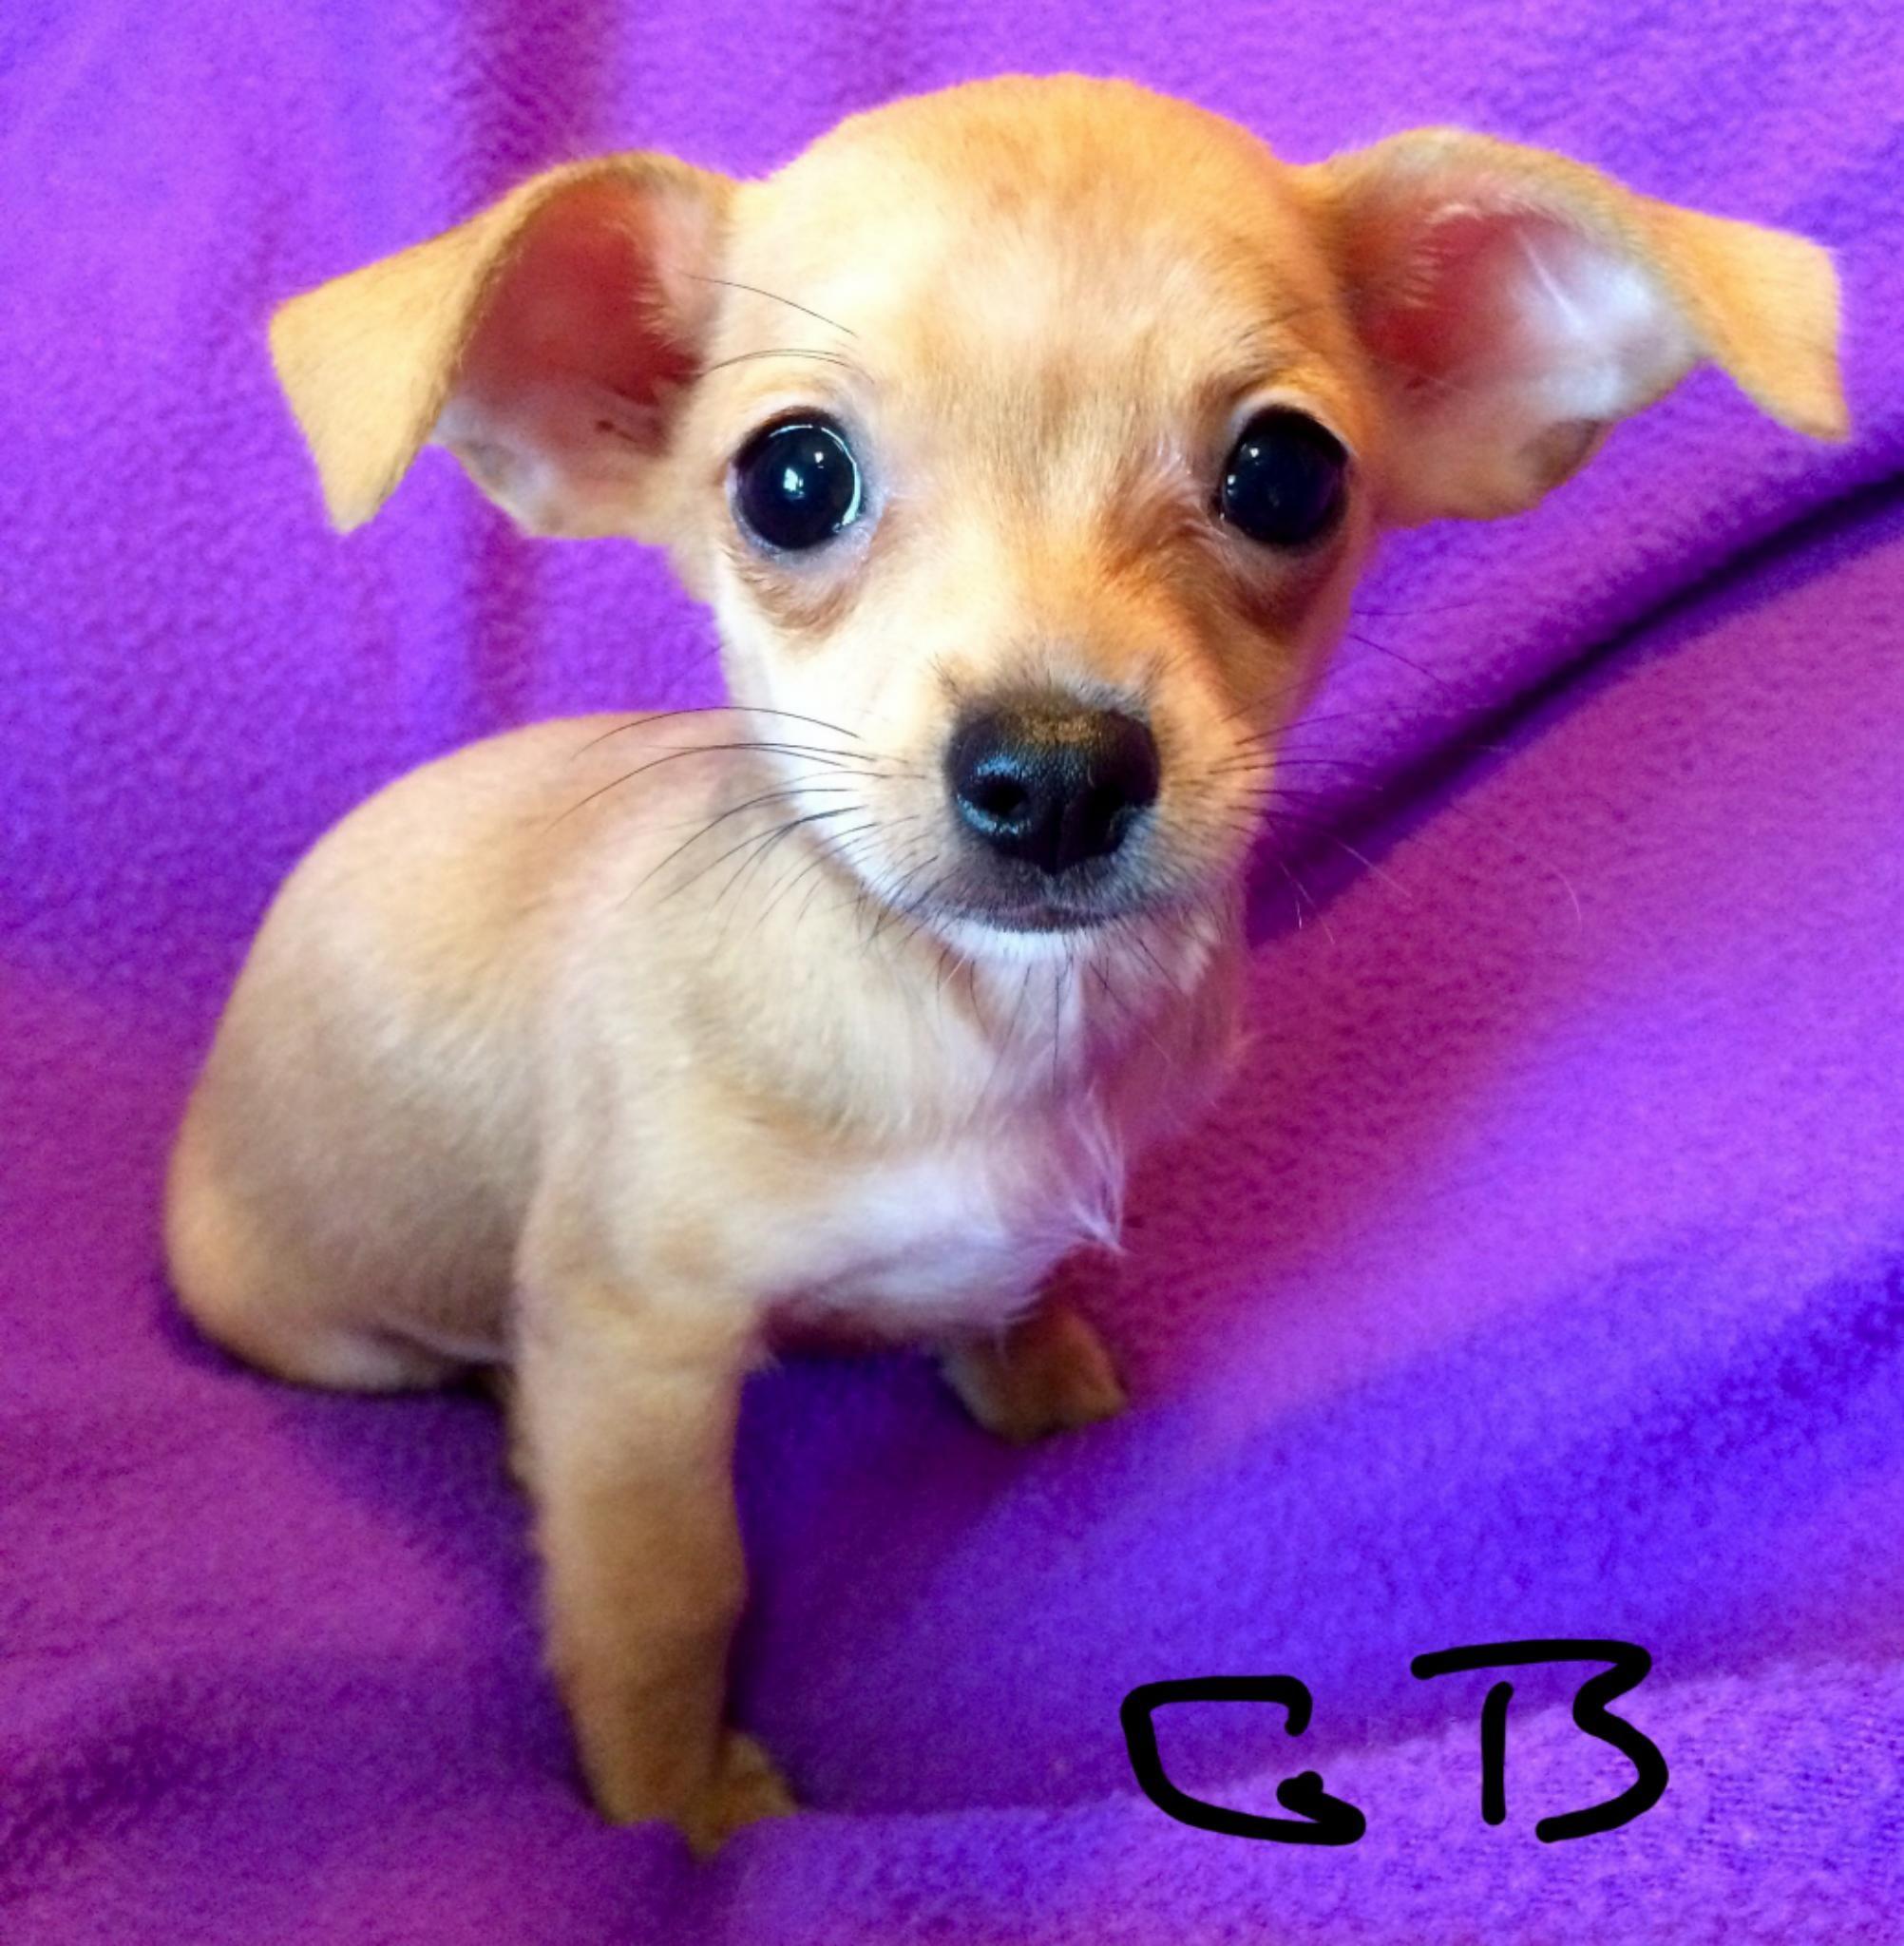 Gayweho Dogs 4 U On Dogs Dog Photos Chihuahua